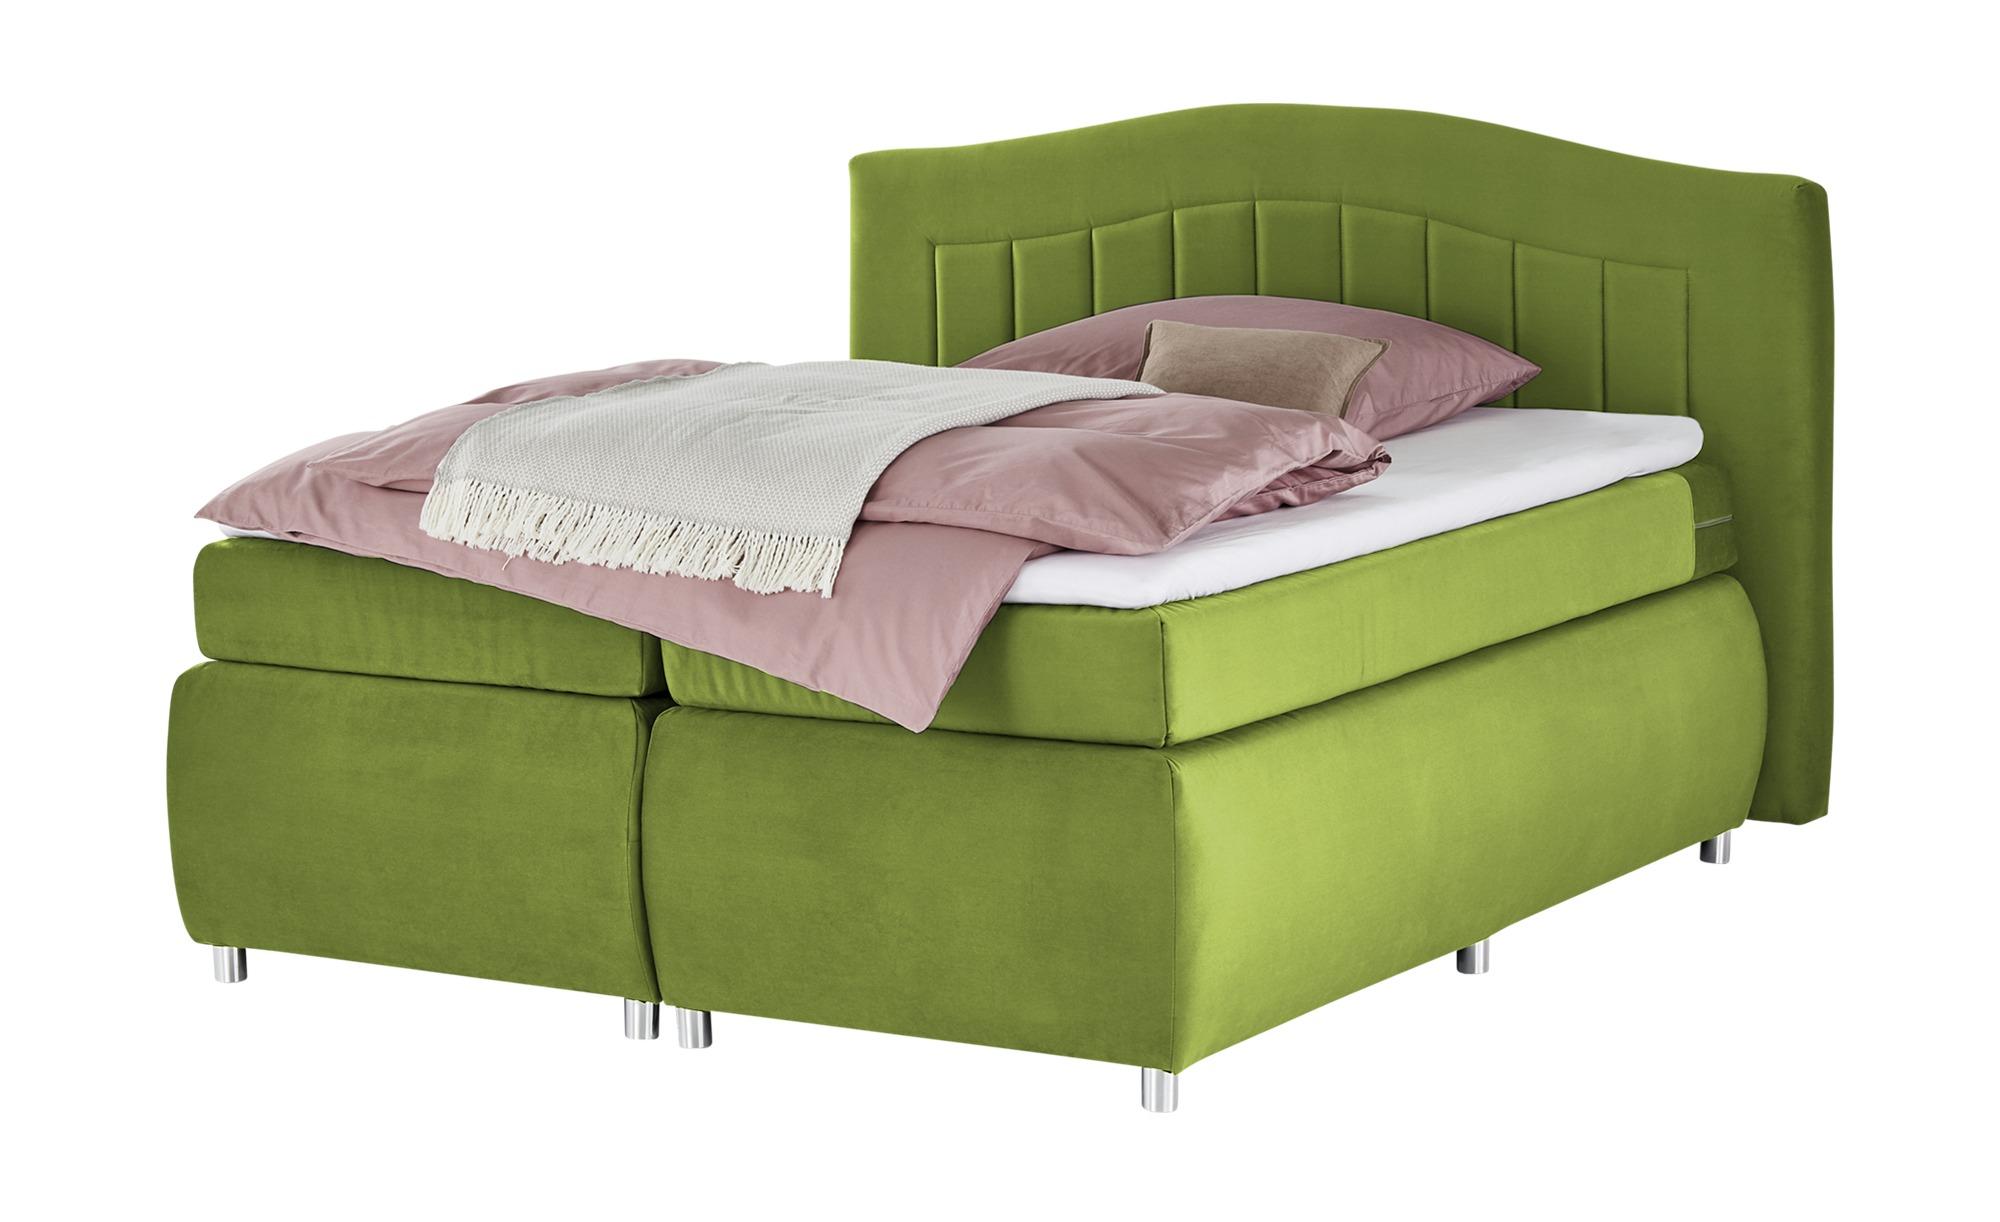 Boxspringbett  Duchess ¦ grün ¦ Maße (cm): B: 180 H: 116 T: 210 Betten > Boxspringbetten > Boxspringbetten 160x200 - Höffner